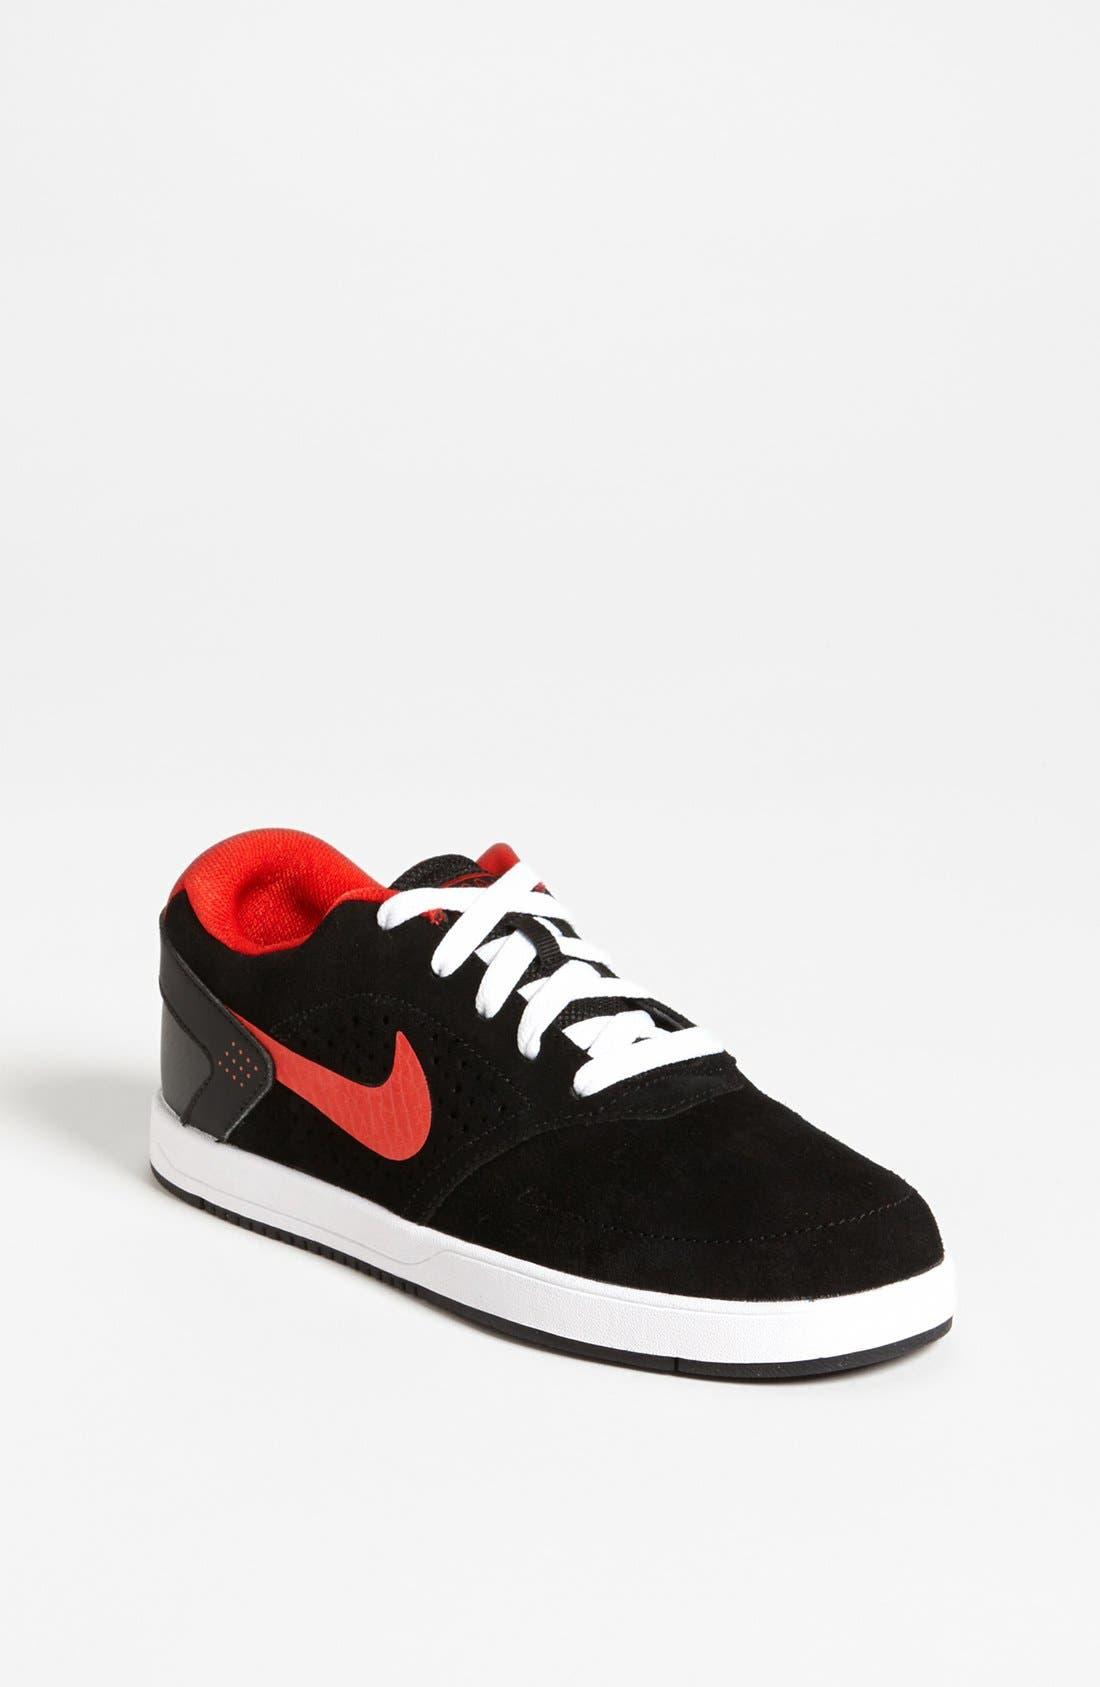 Main Image - Nike 'Paul Rodriguez 6' Sneaker (Big Kid)